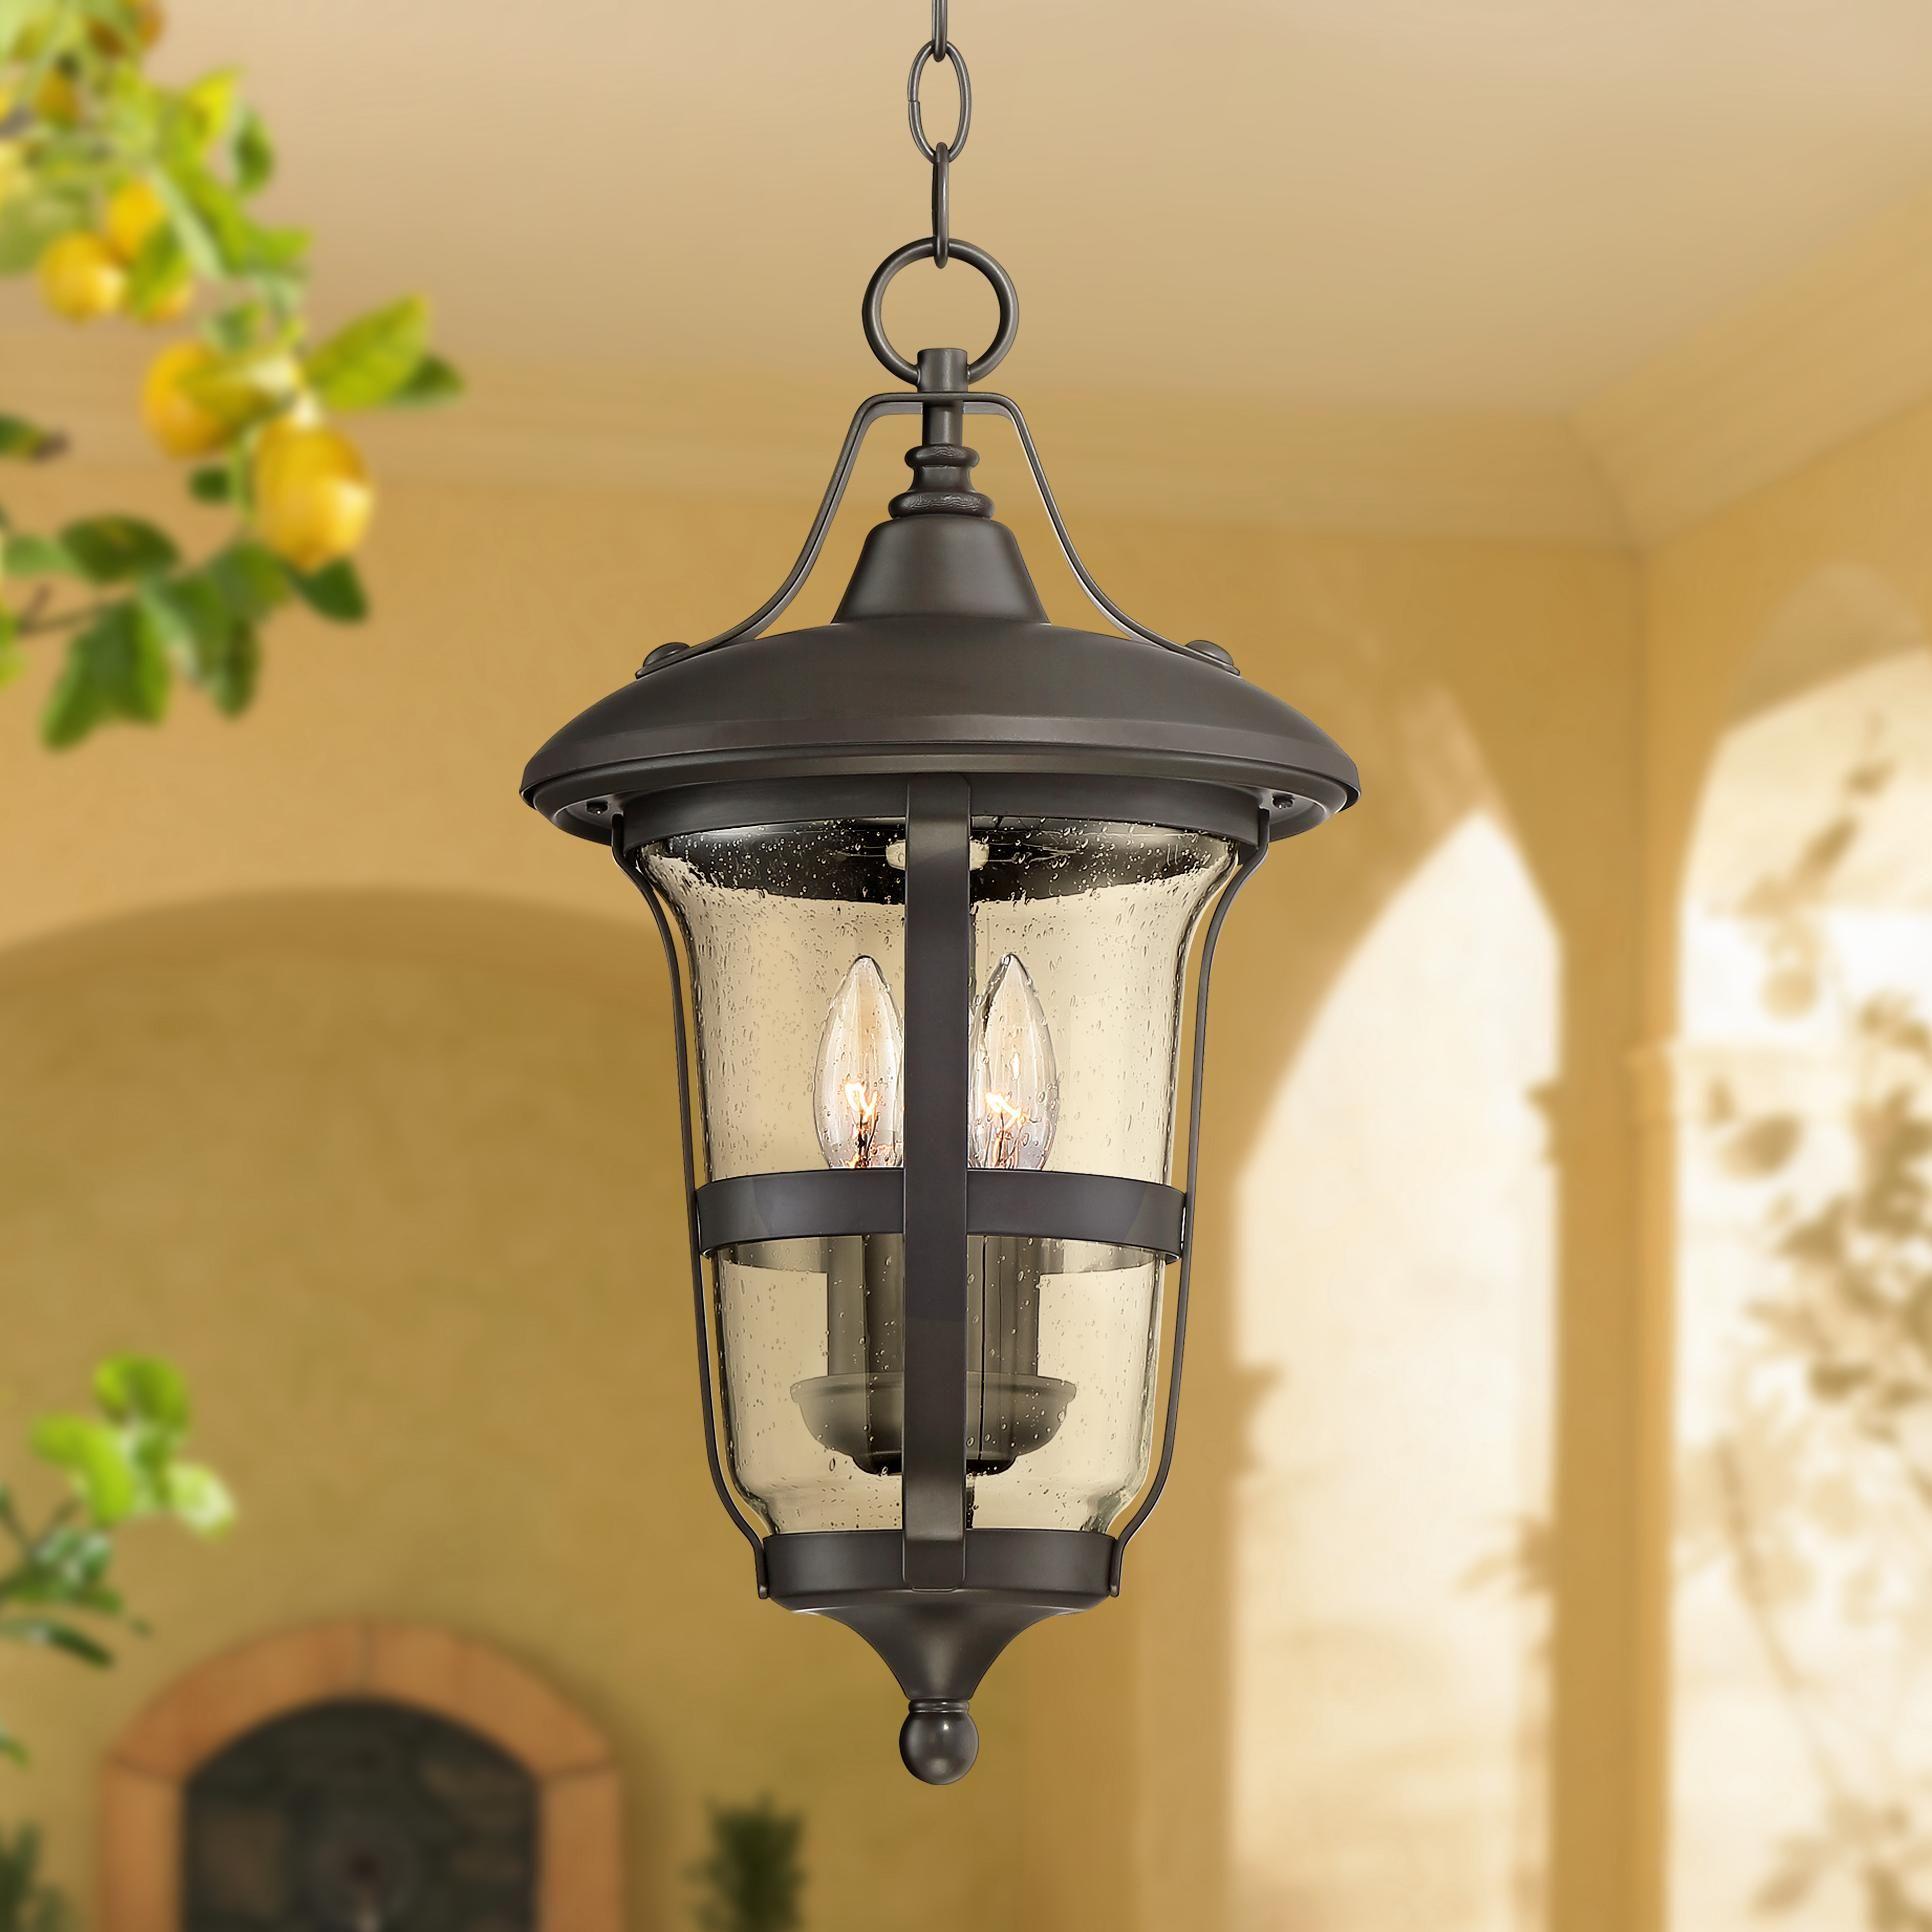 Outdoor Lightingdesign Ideas: Birmingham 19 Inch High Bronze 3 Light Outdoor Hanging